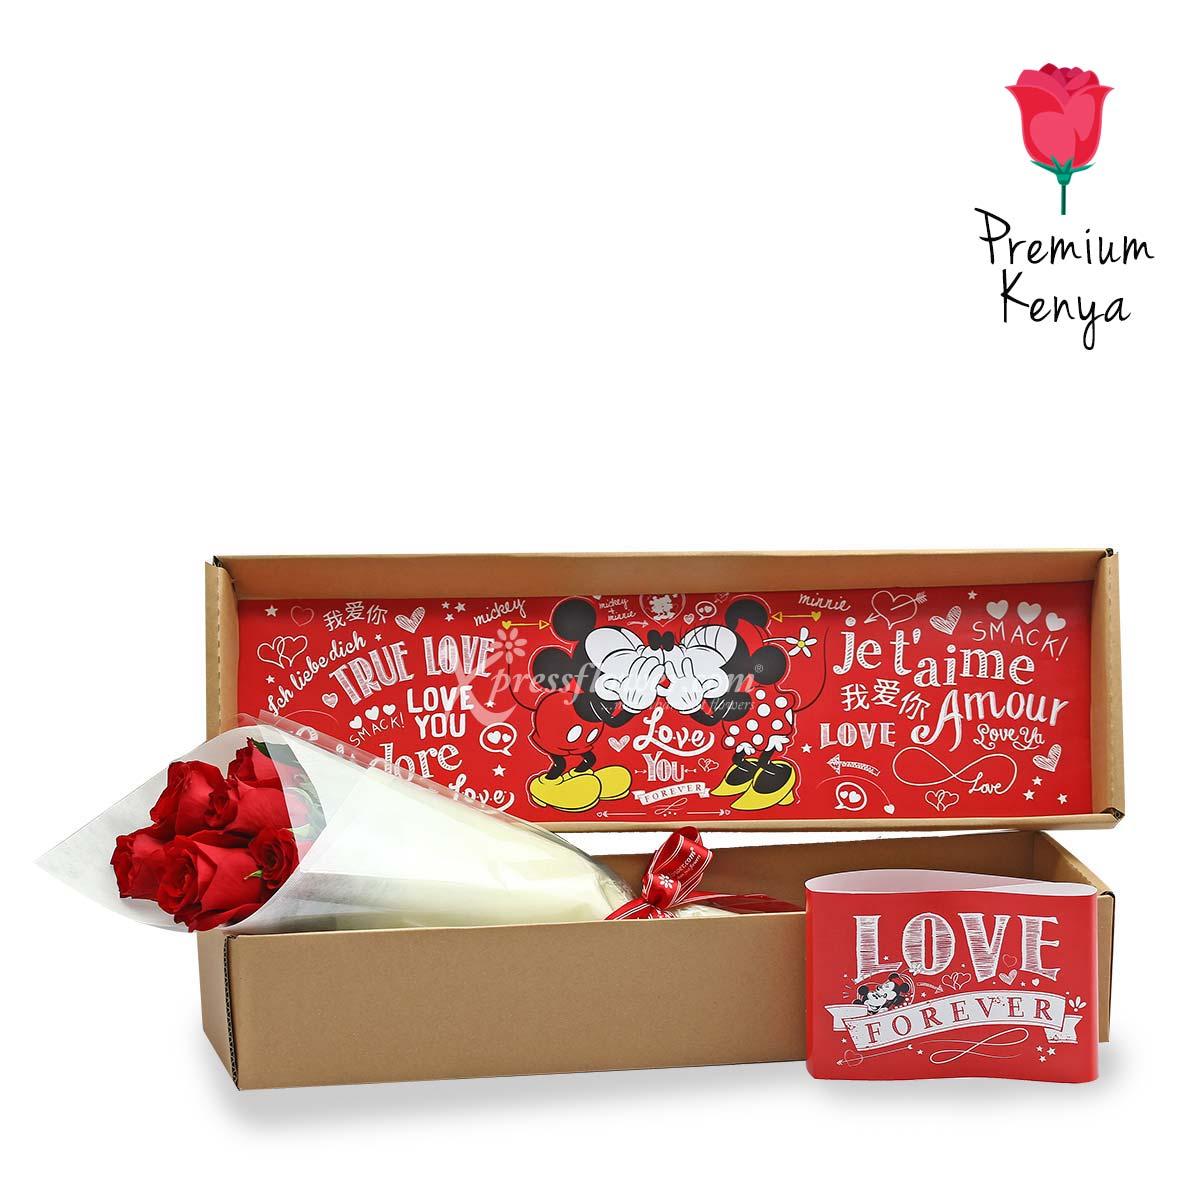 DSBX1901 Never Ending Love Story Disney Box